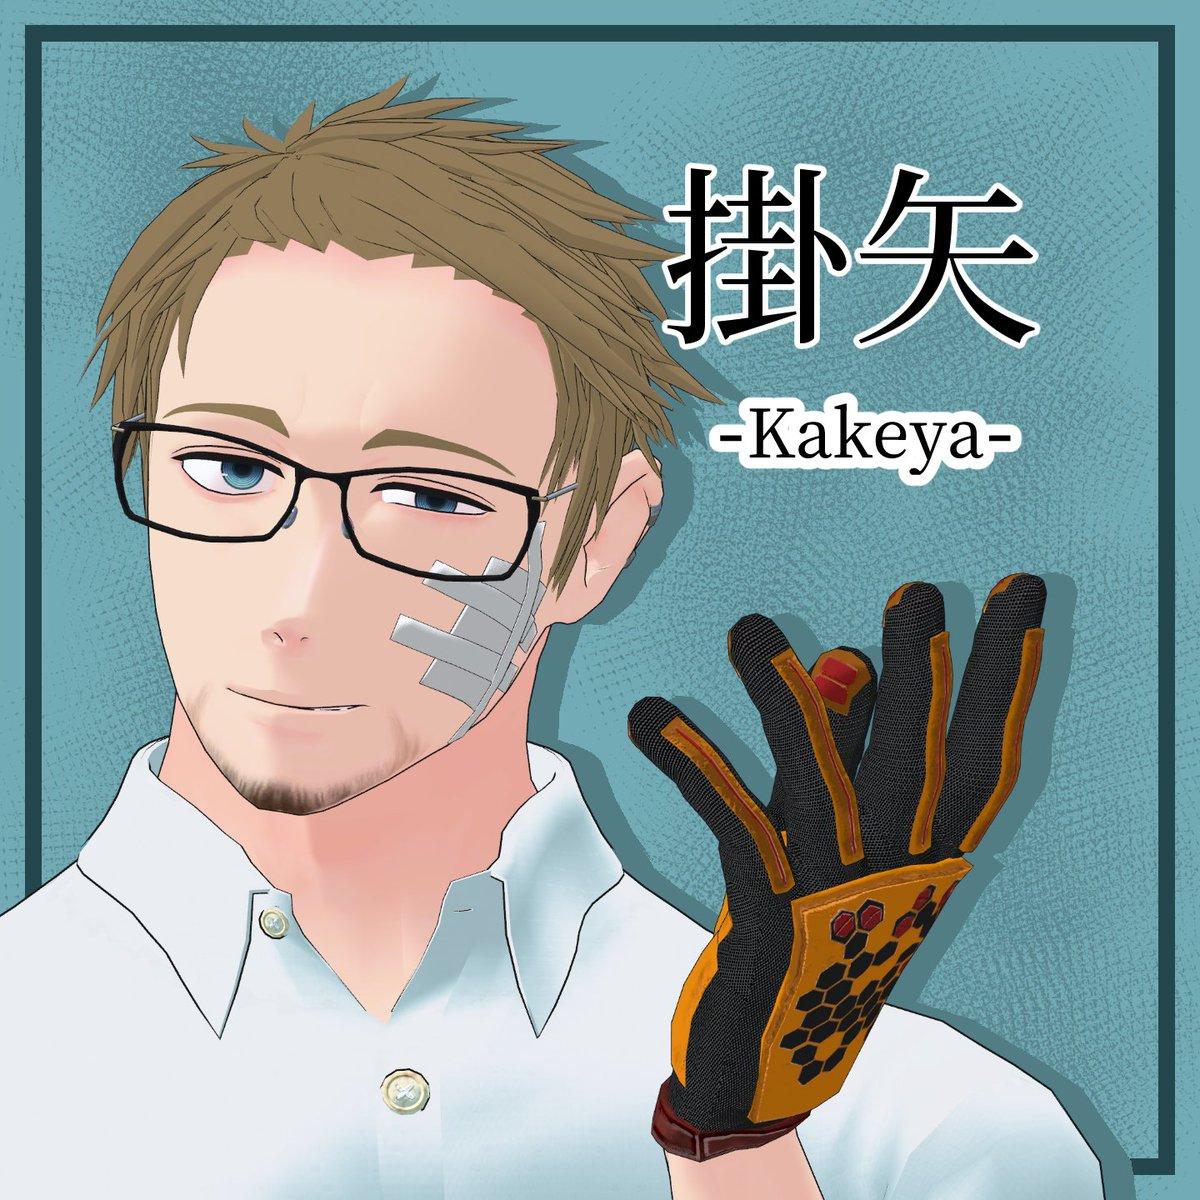 [VRChat想定] 掛矢 (Kakeya)サイバーなヘルメットをかぶった成人男性アバターをリリースしました。よろしくお願いします~! #三叉屋